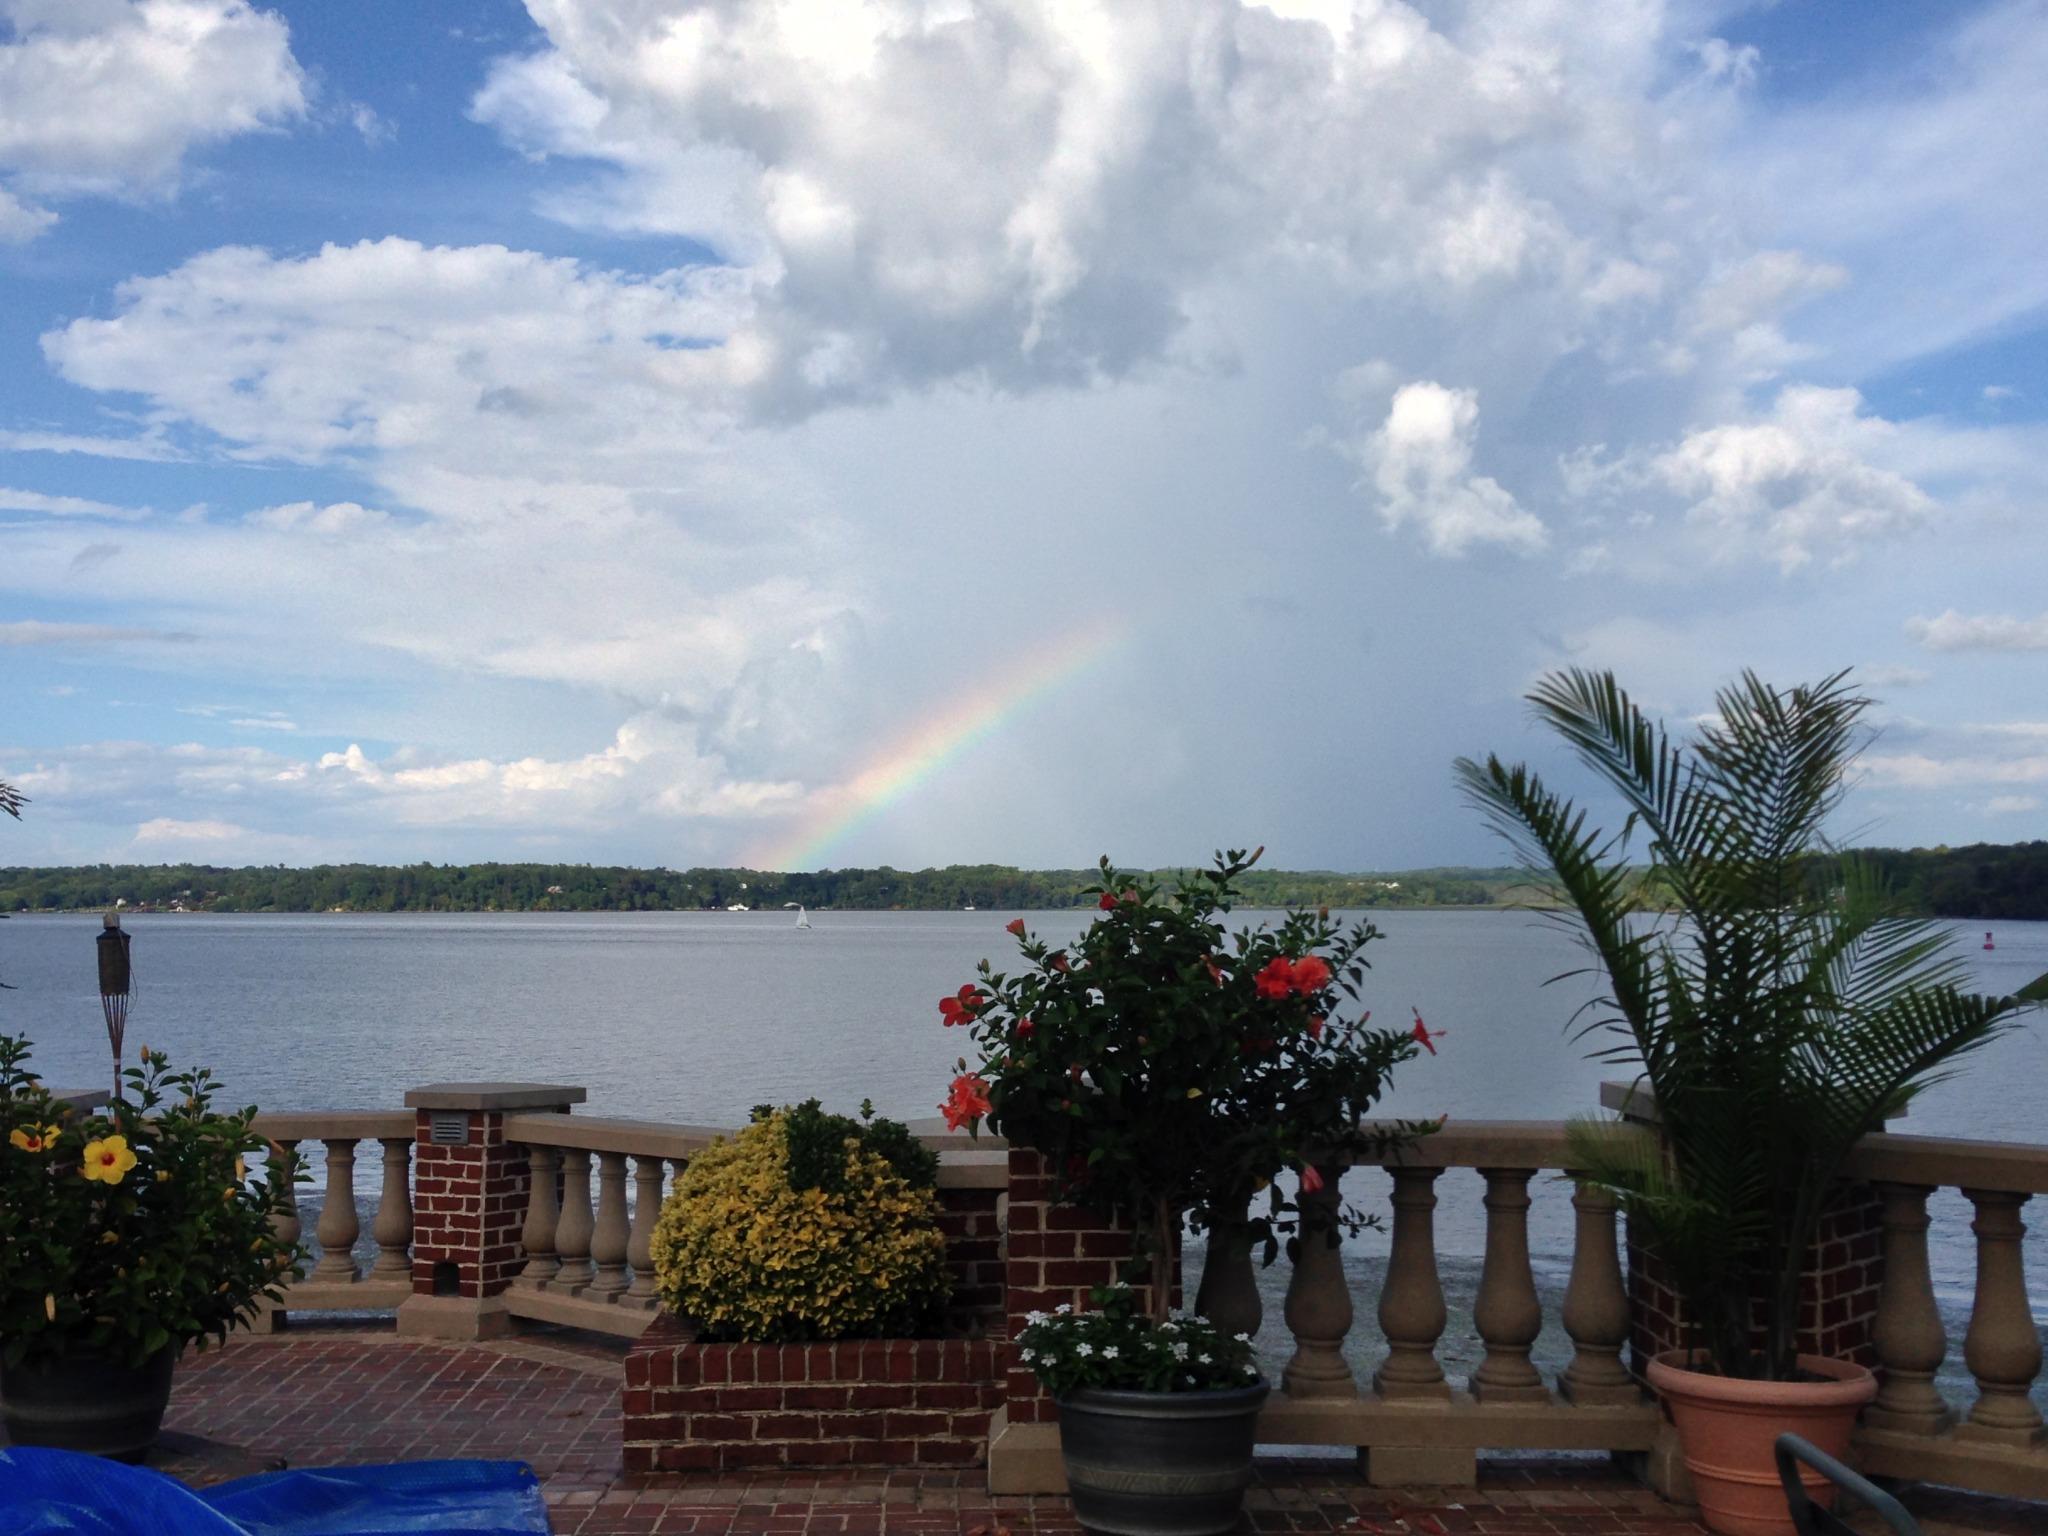 Rainbow over the  potomac